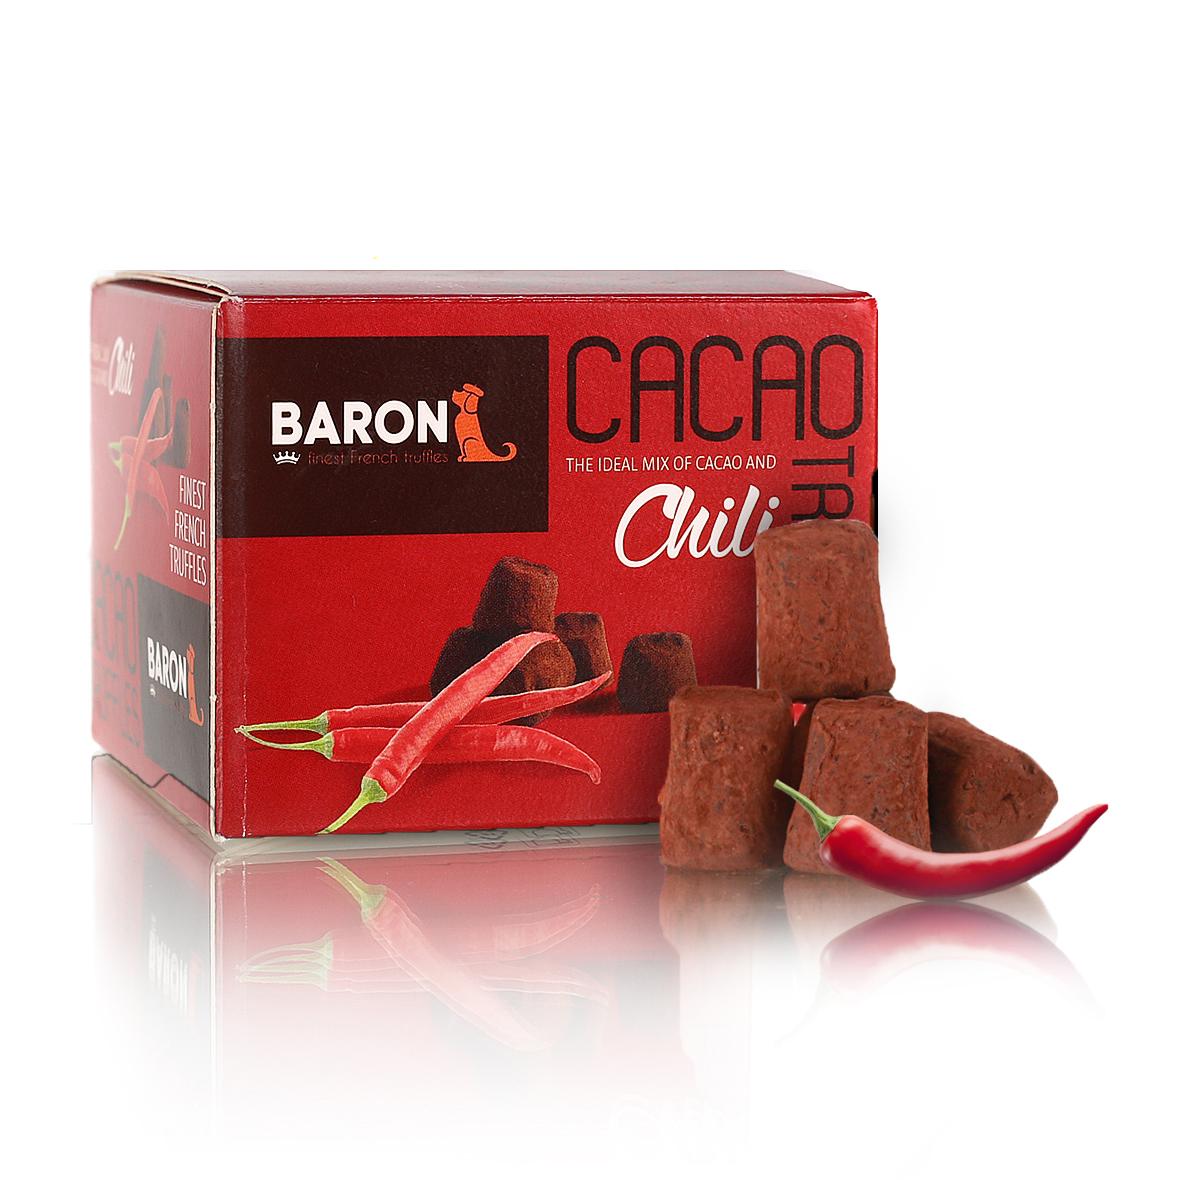 Baron Французские трюфели со вкусом чили, 100 г baron французские трюфели с кусочками малины 100 г